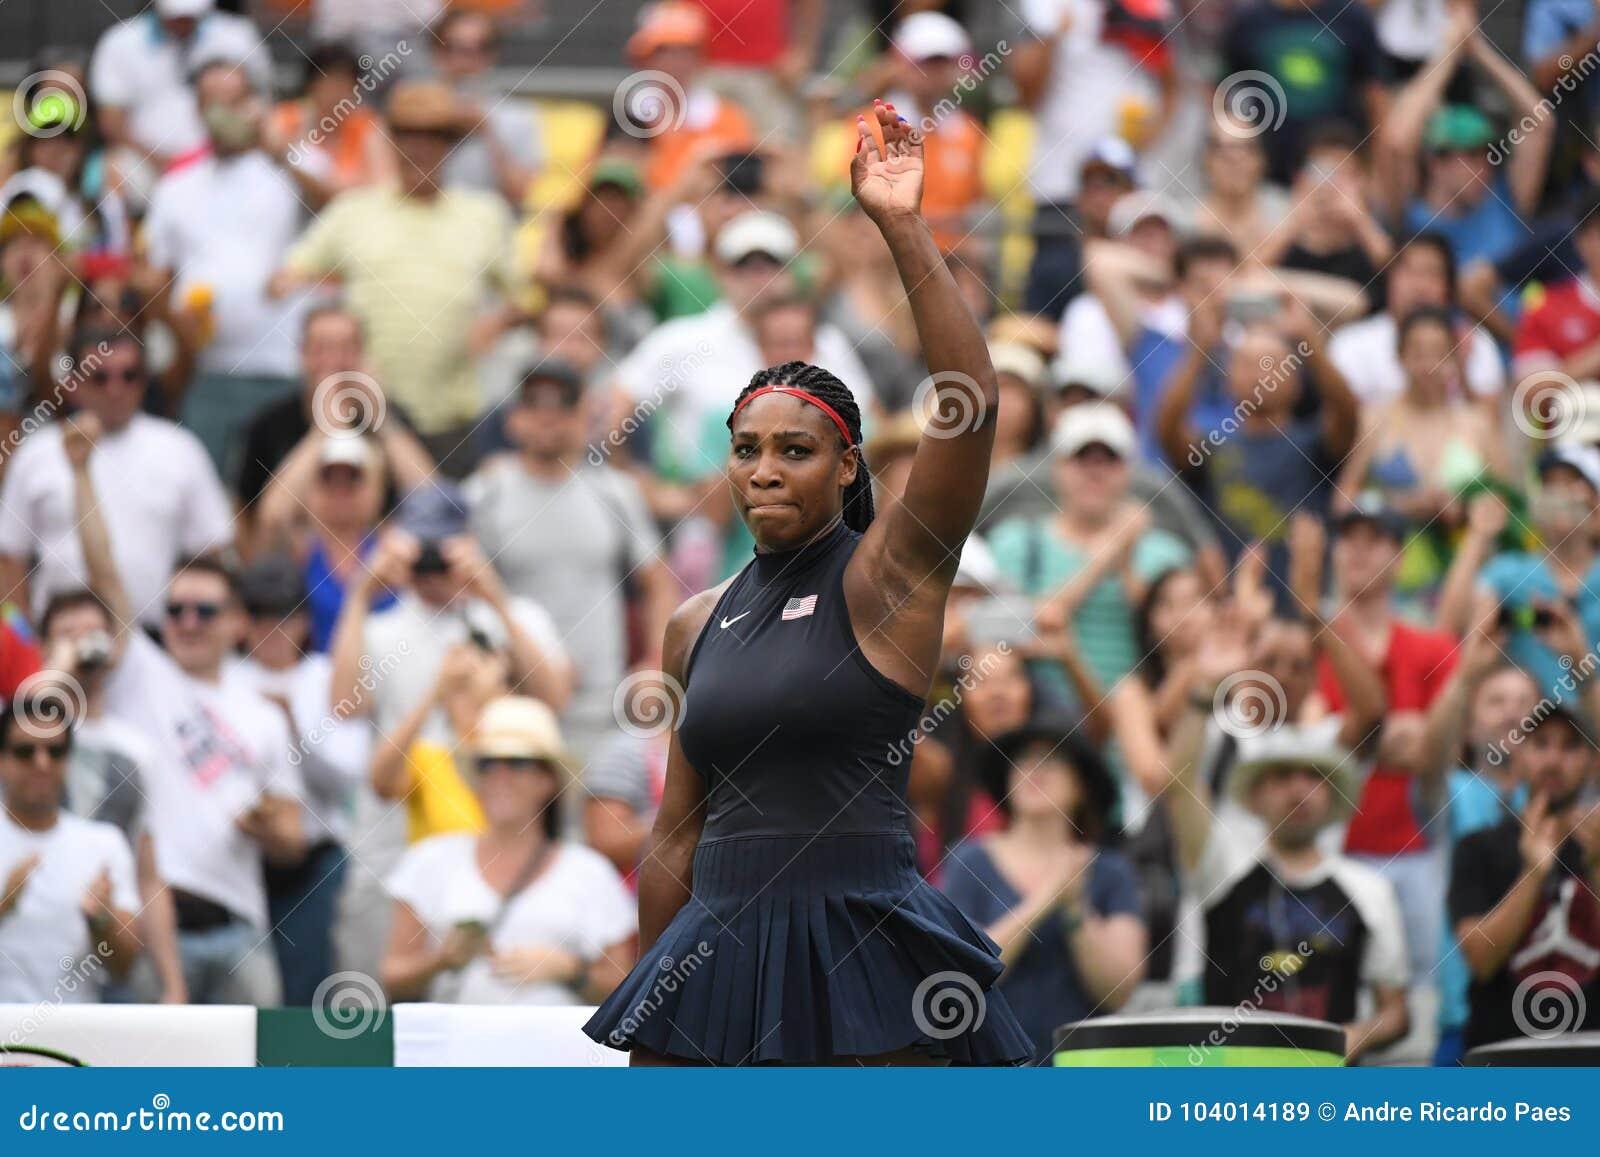 Tenis - Serena Williams